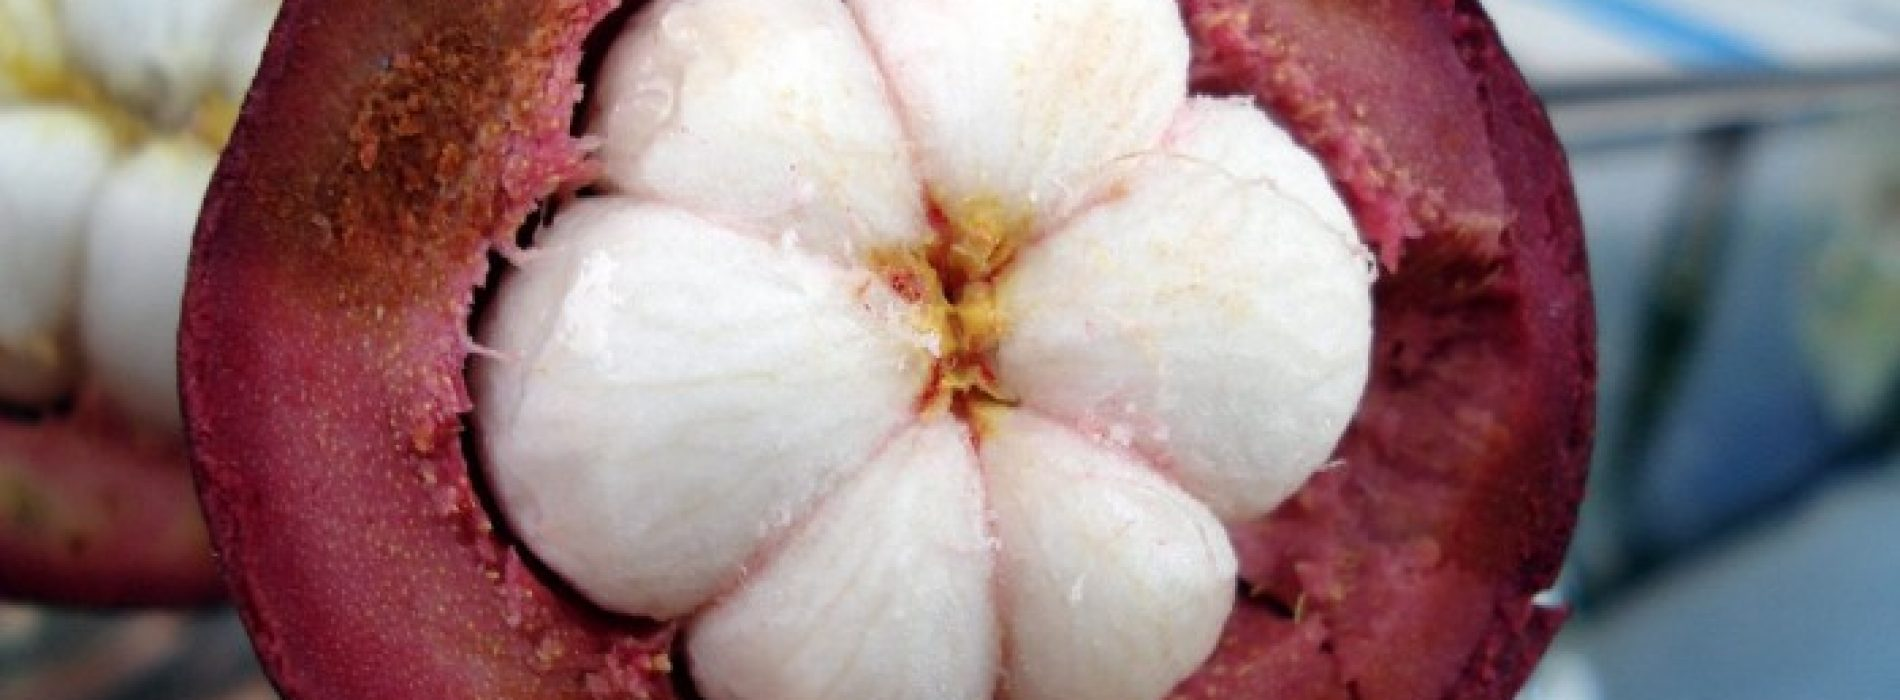 Deze tropische vrucht doodt borstkankercellen